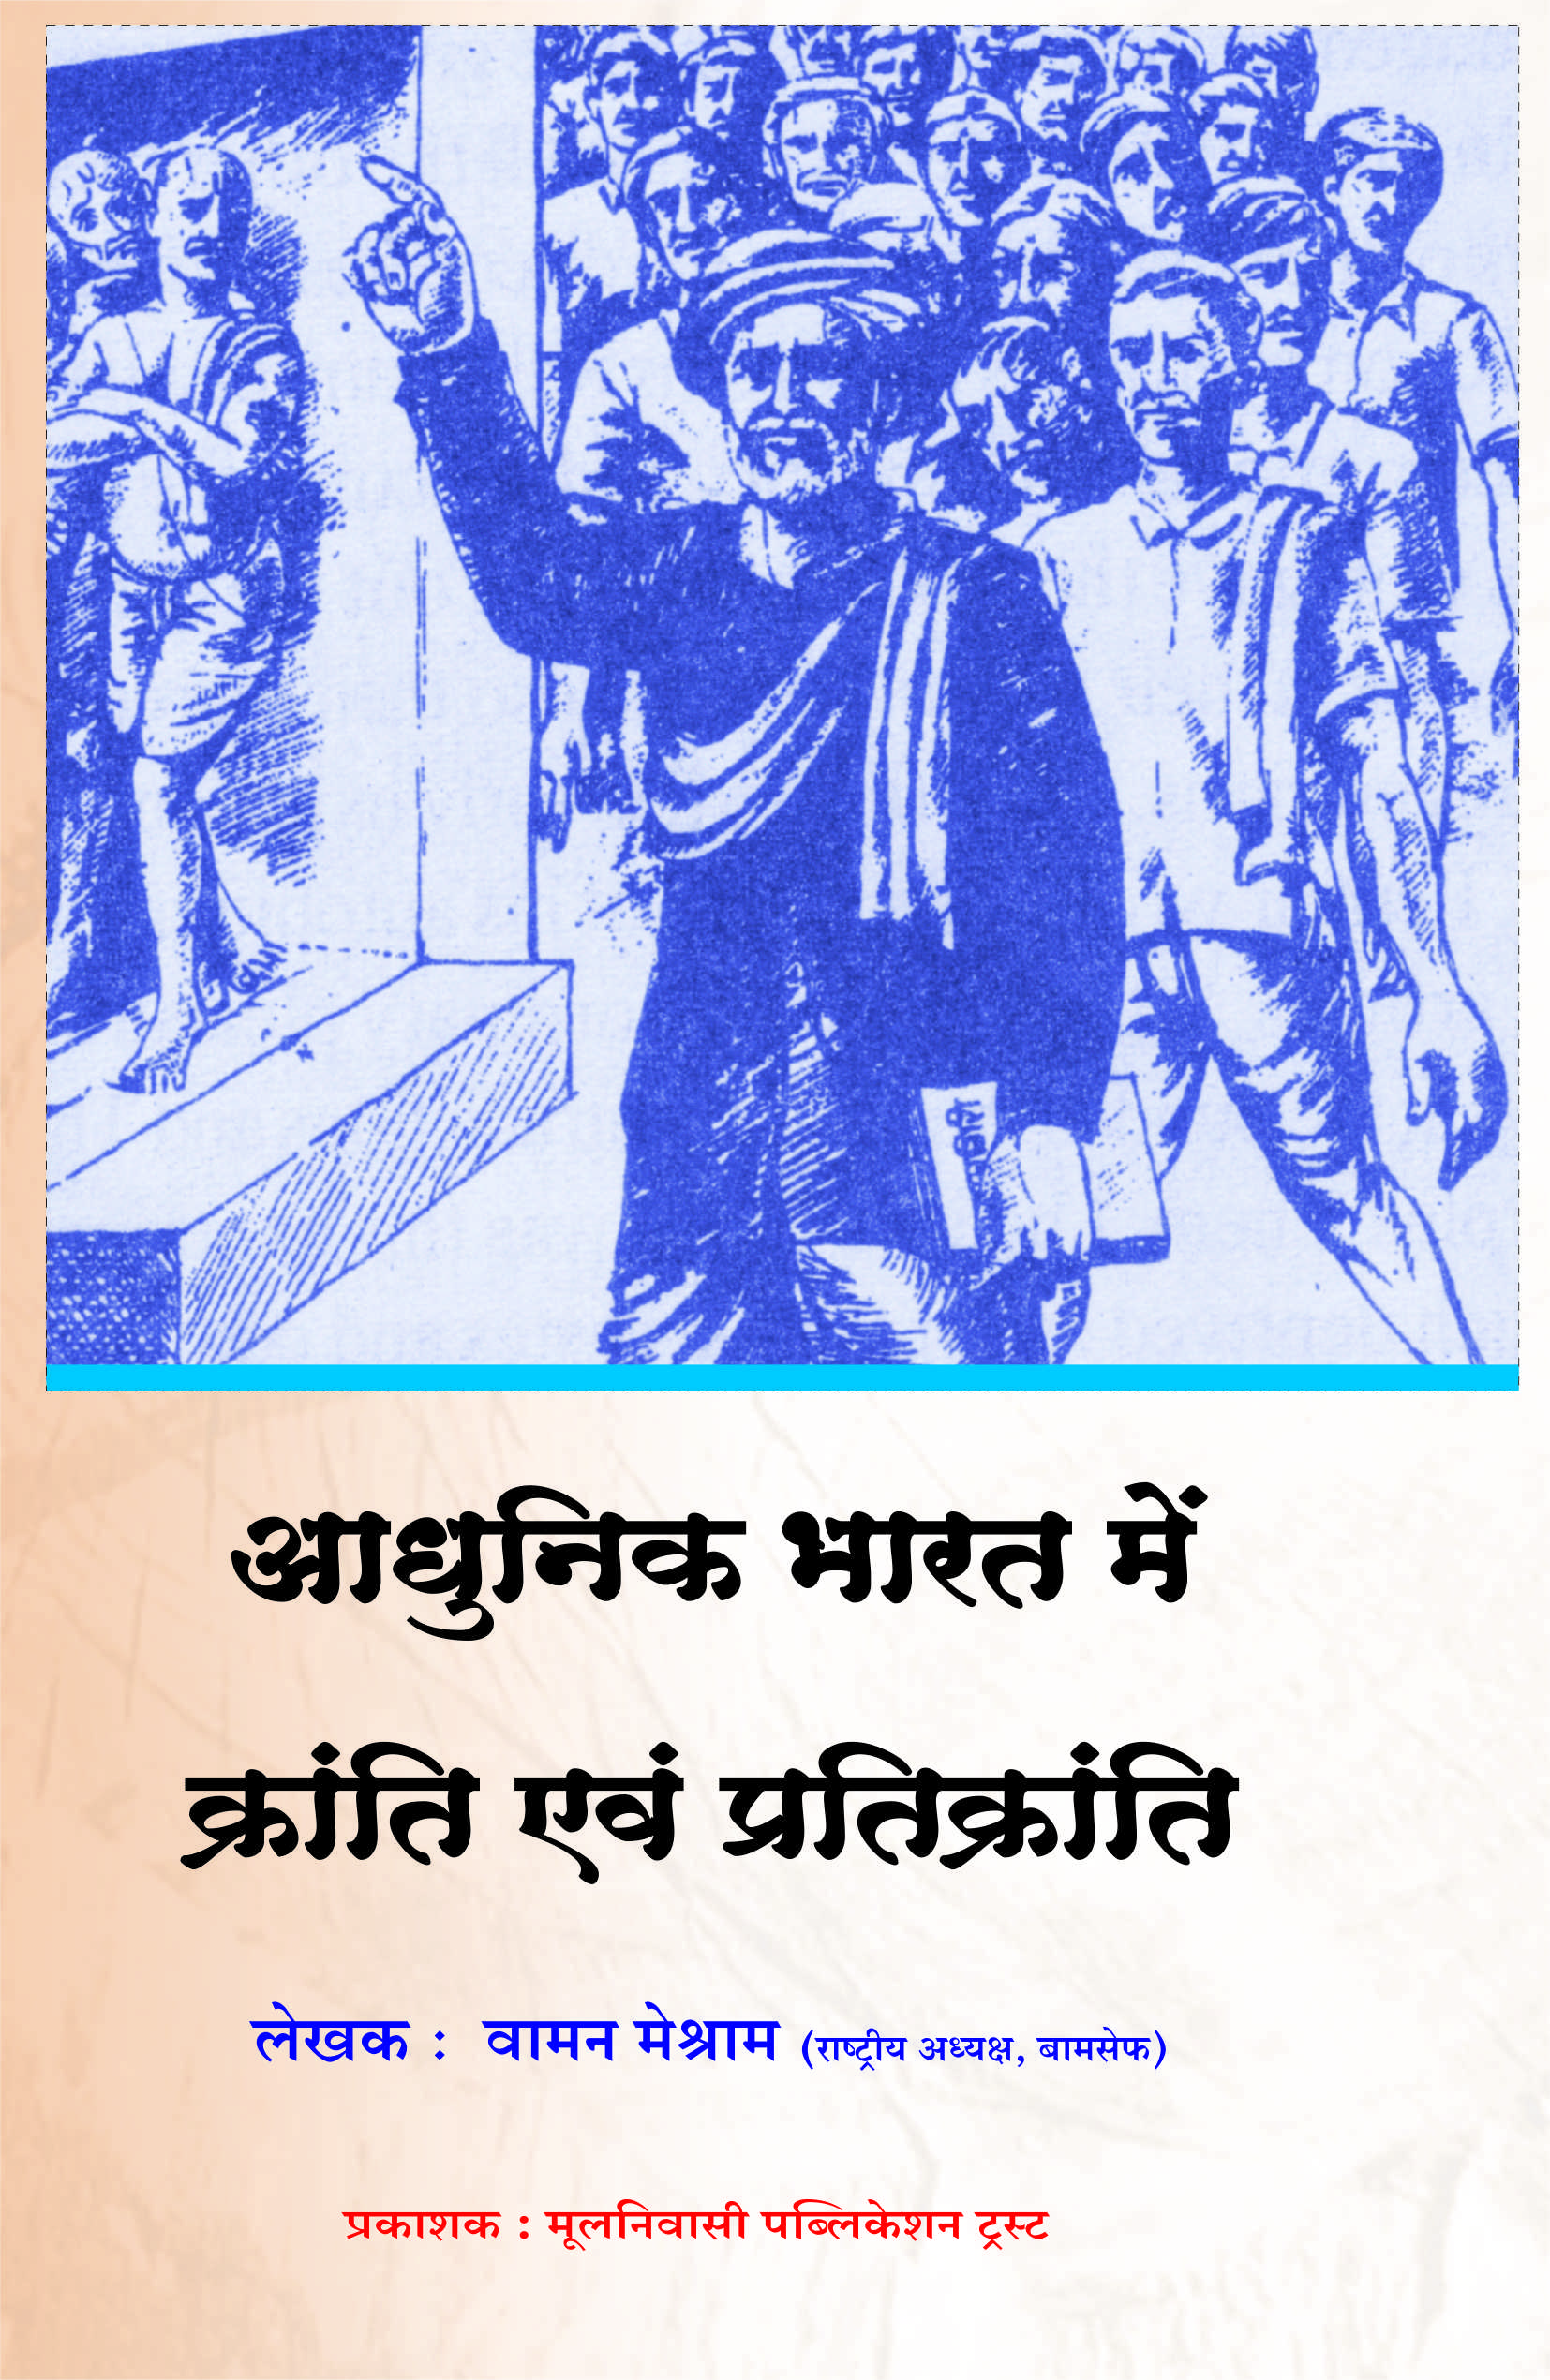 Adhunik Bharat Main Kranti evm Pratikrant – Waman Meshram